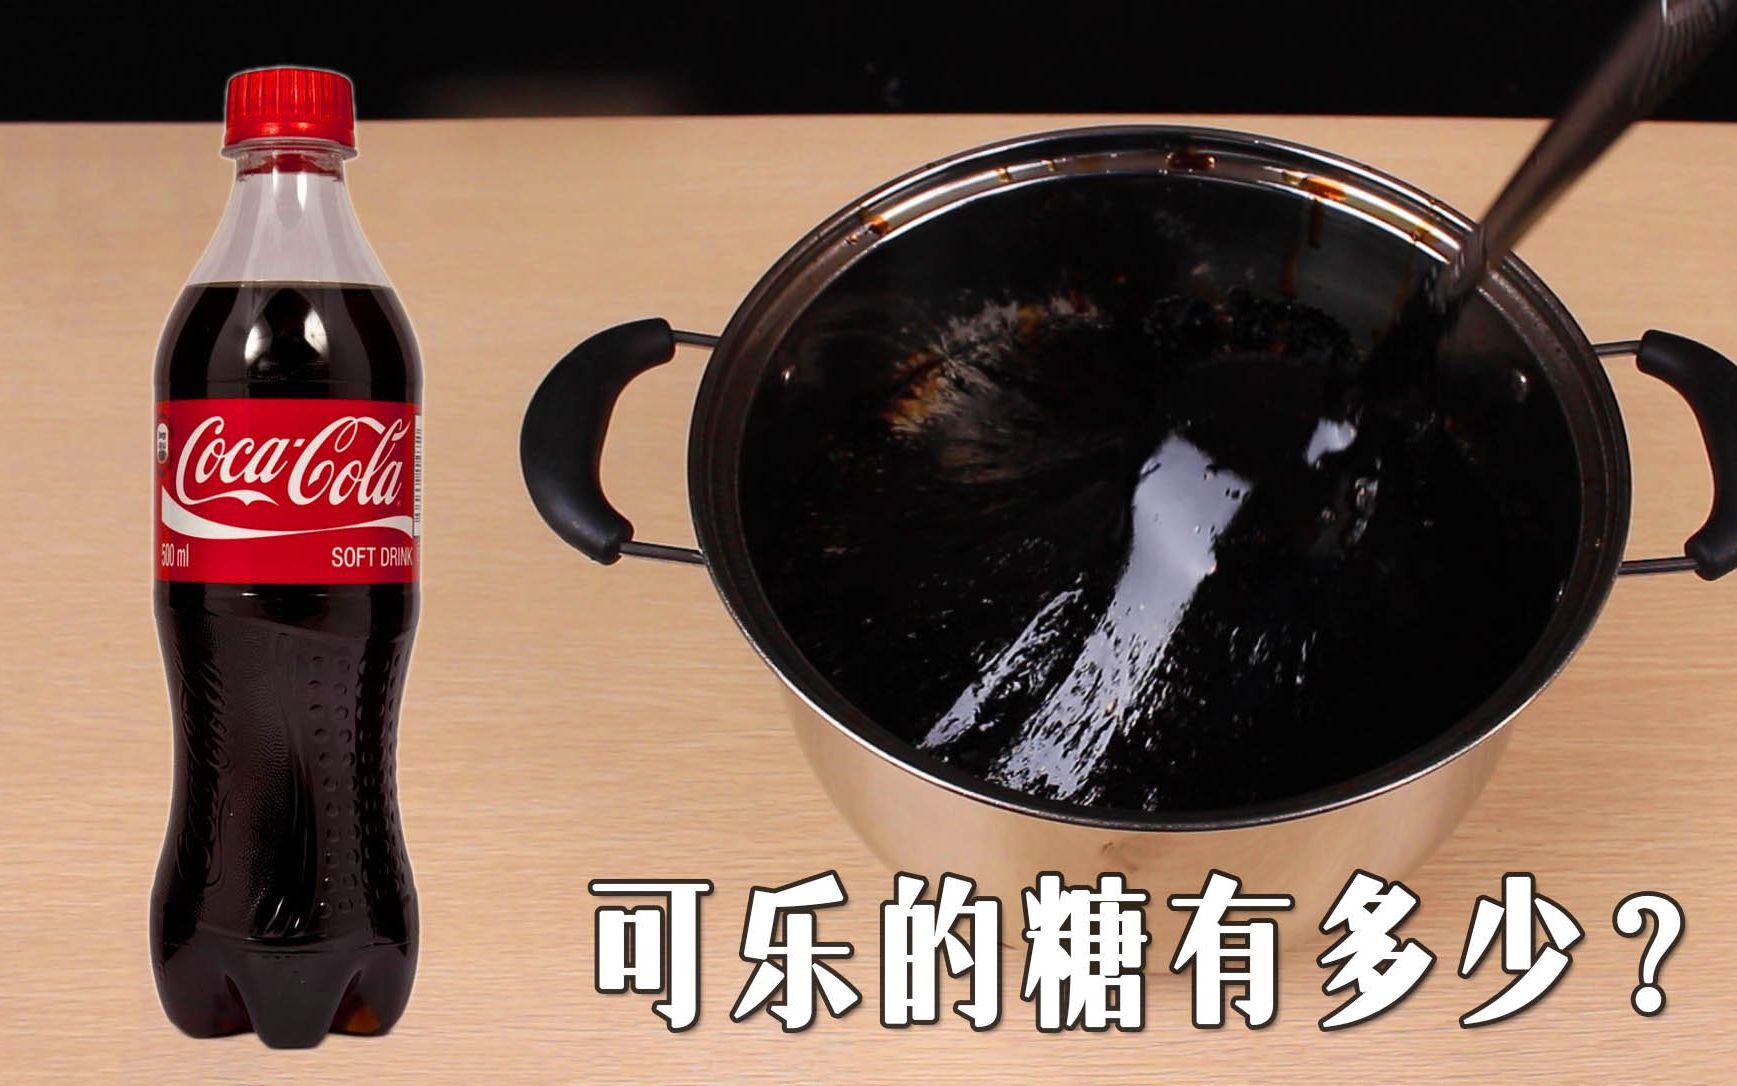 每天一瓶可乐,连续喝一周,你吃掉的糖吓到你